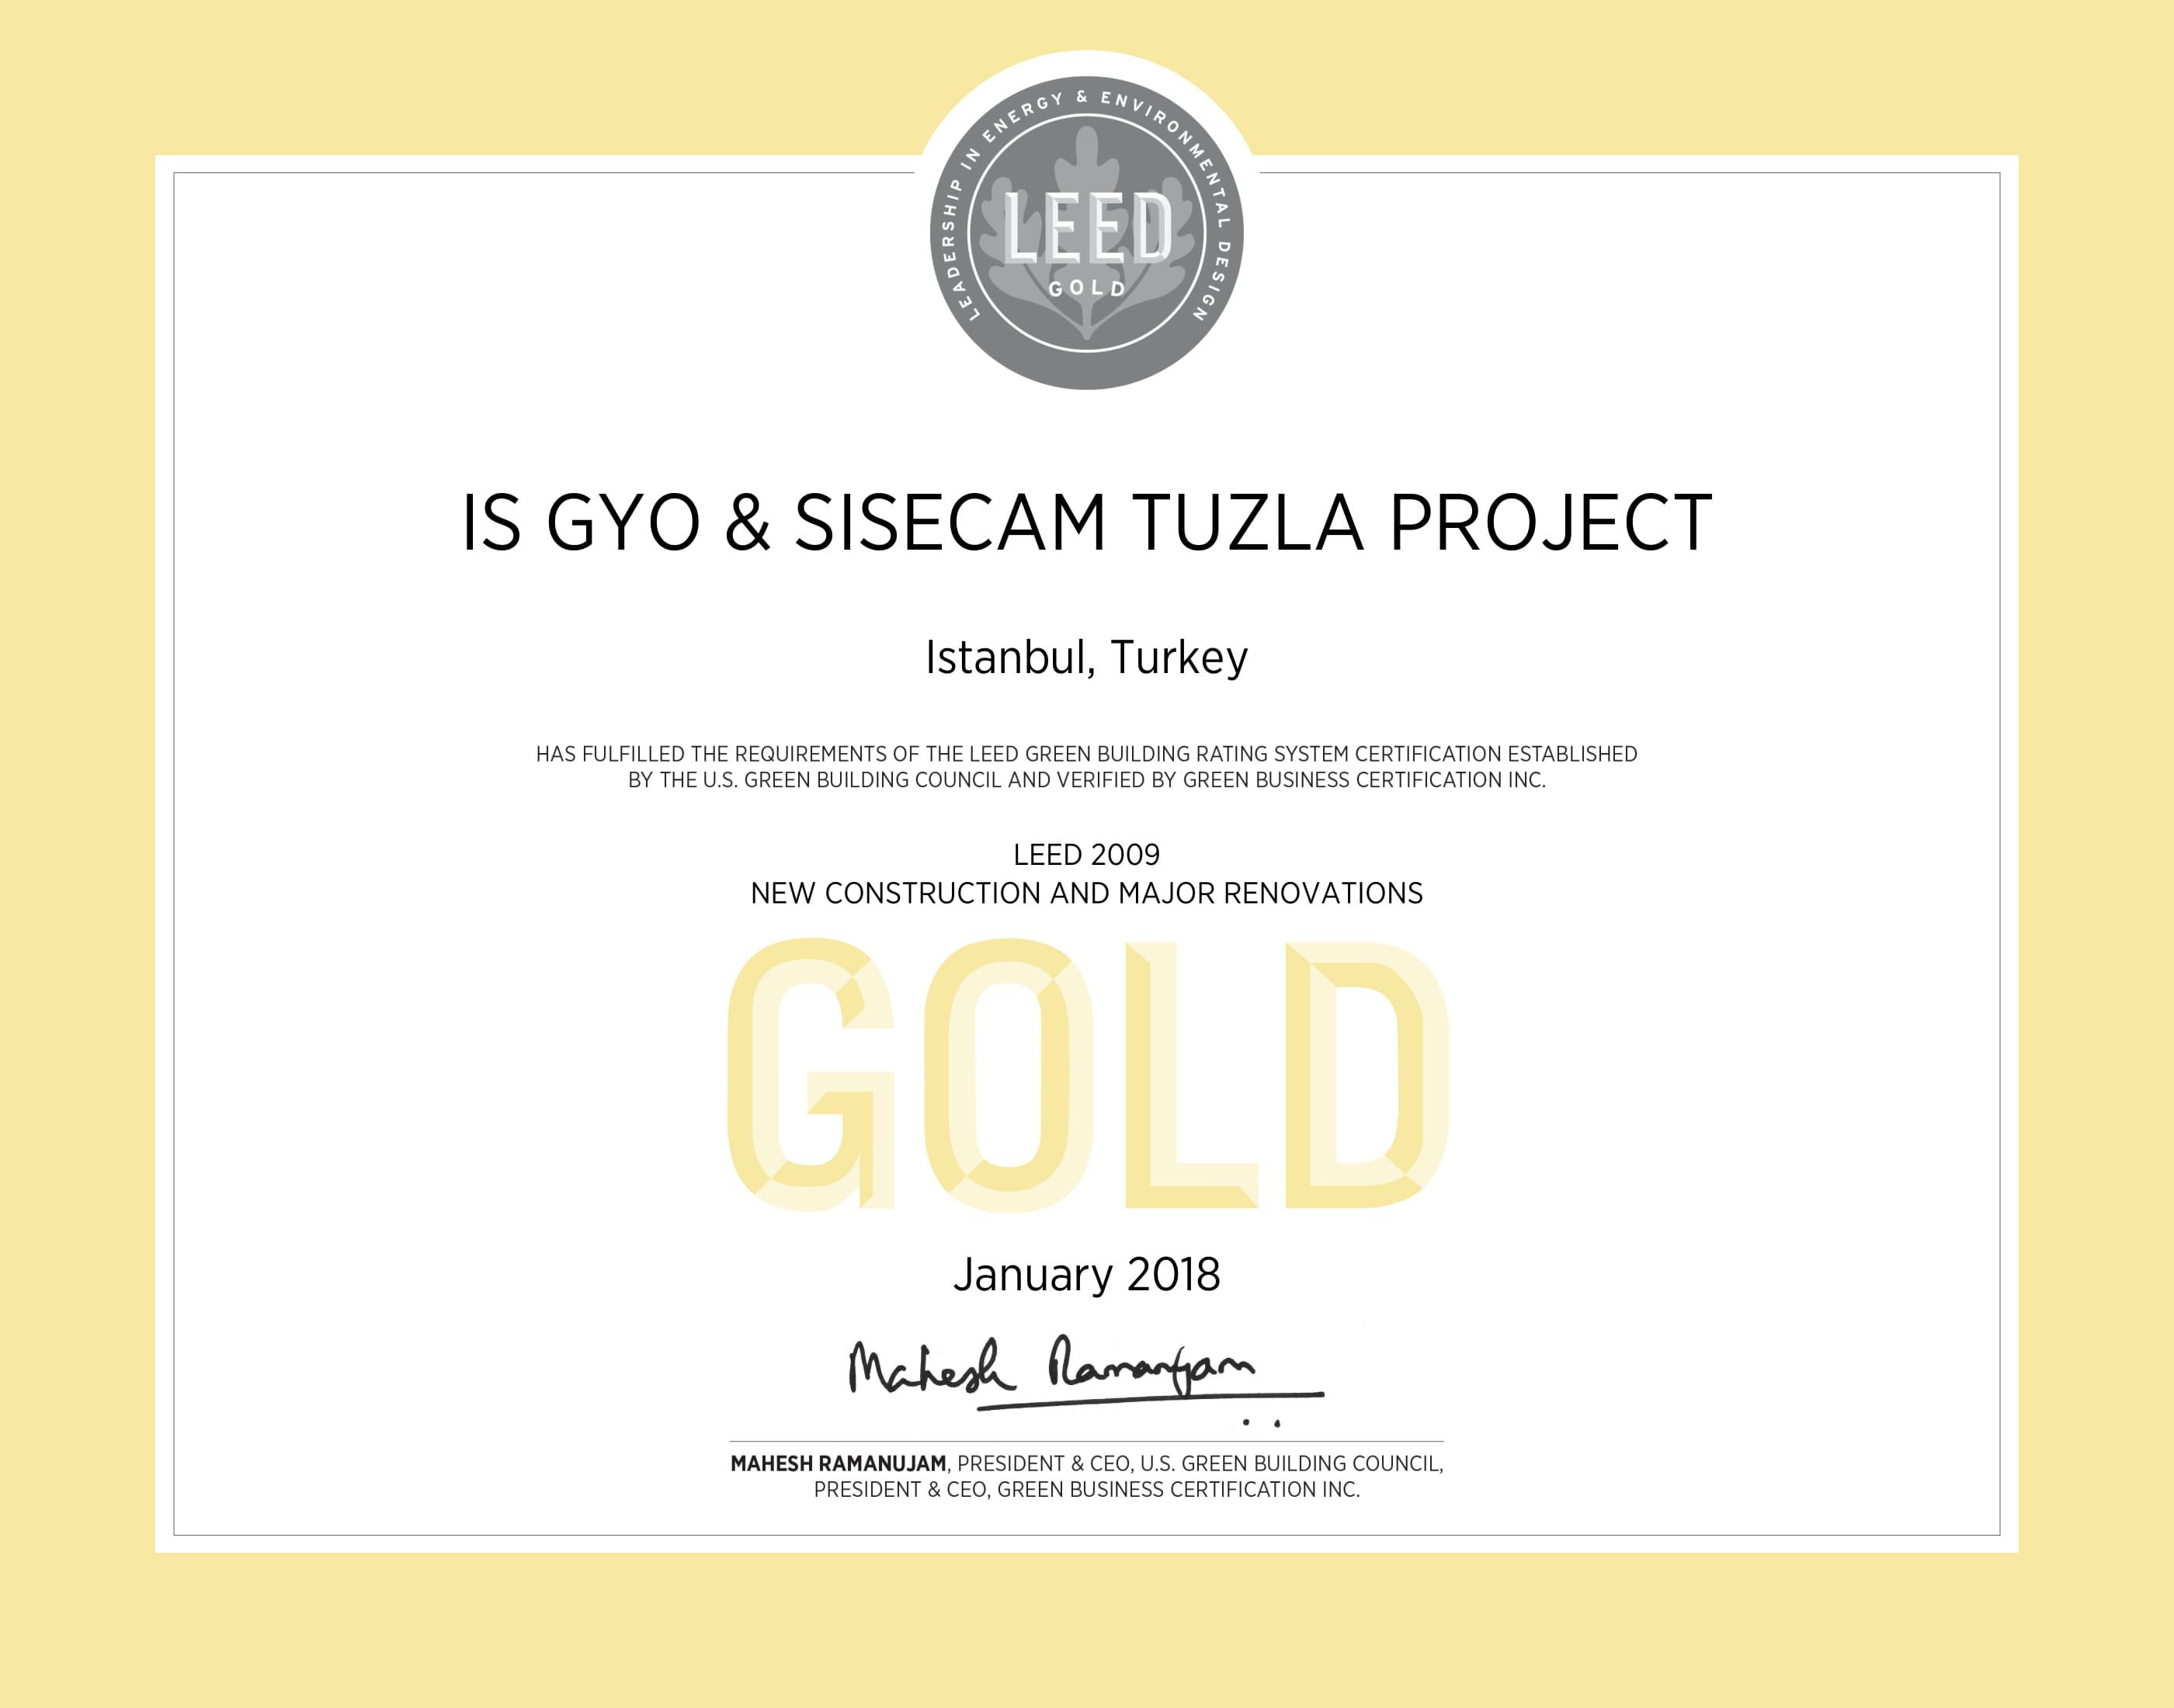 LEED Gold / Tuzla Karma Projeleri